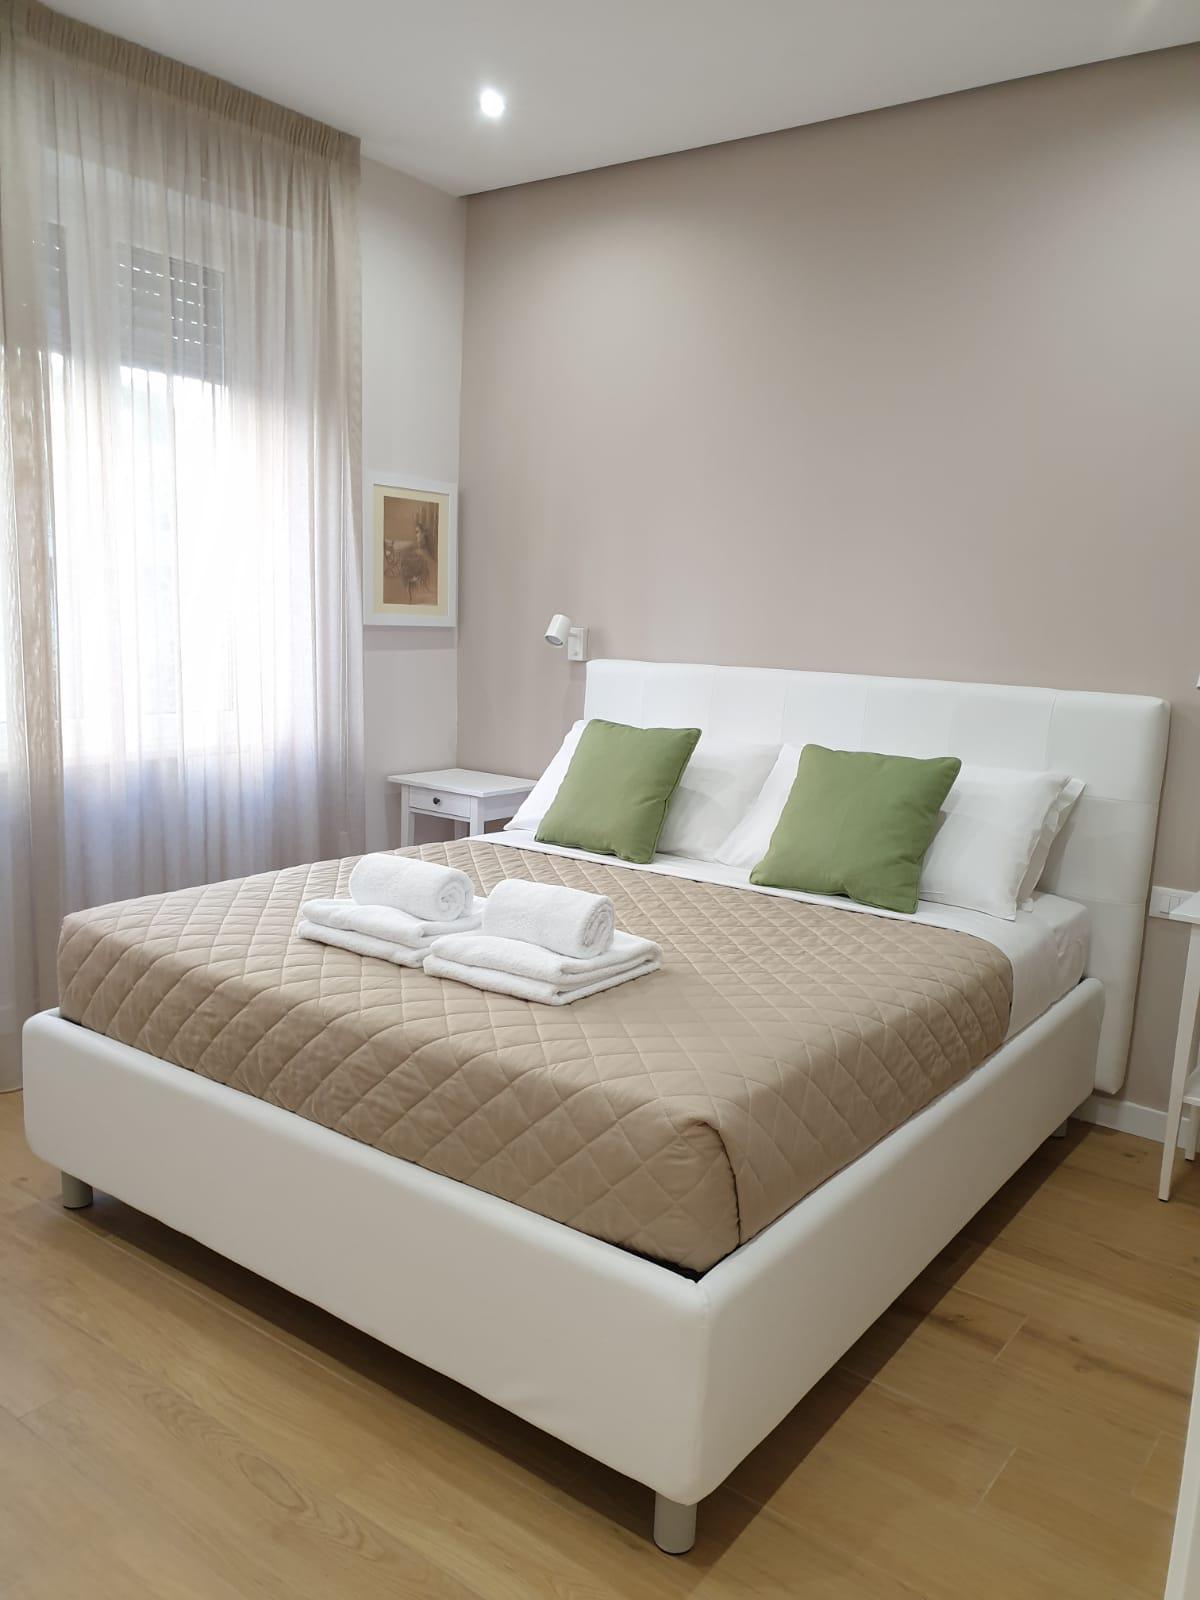 Дома и квартиры для отдыха и / или краткосрочной аренды в Риме